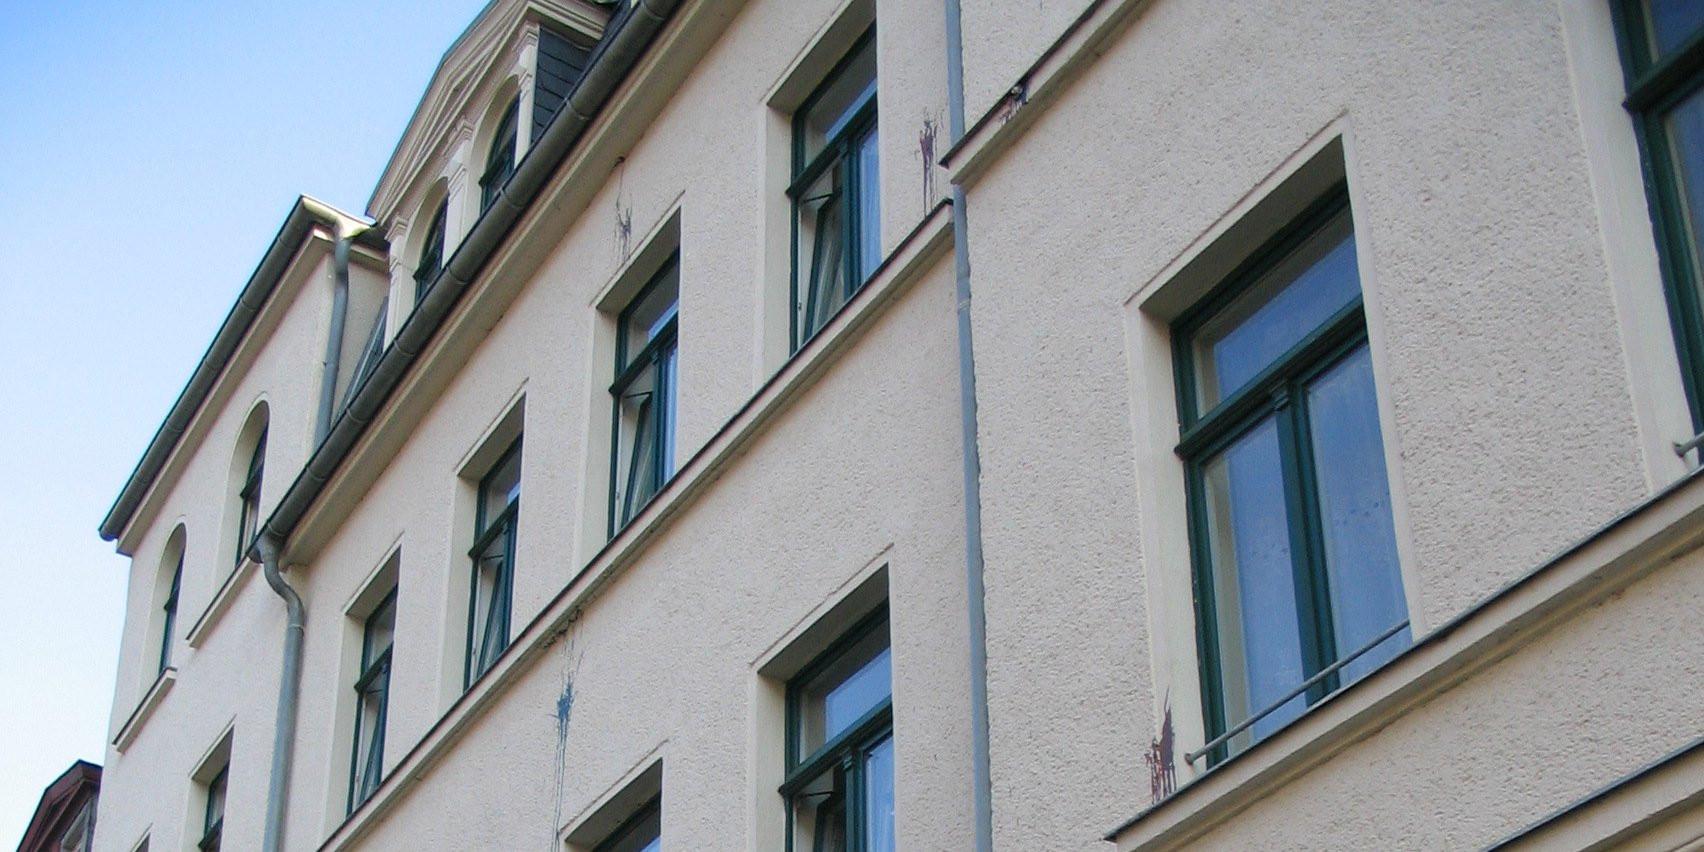 Wohnung Cloppenburg Mieten  Wohnung mieten in Wien Was gilt es zu wissen